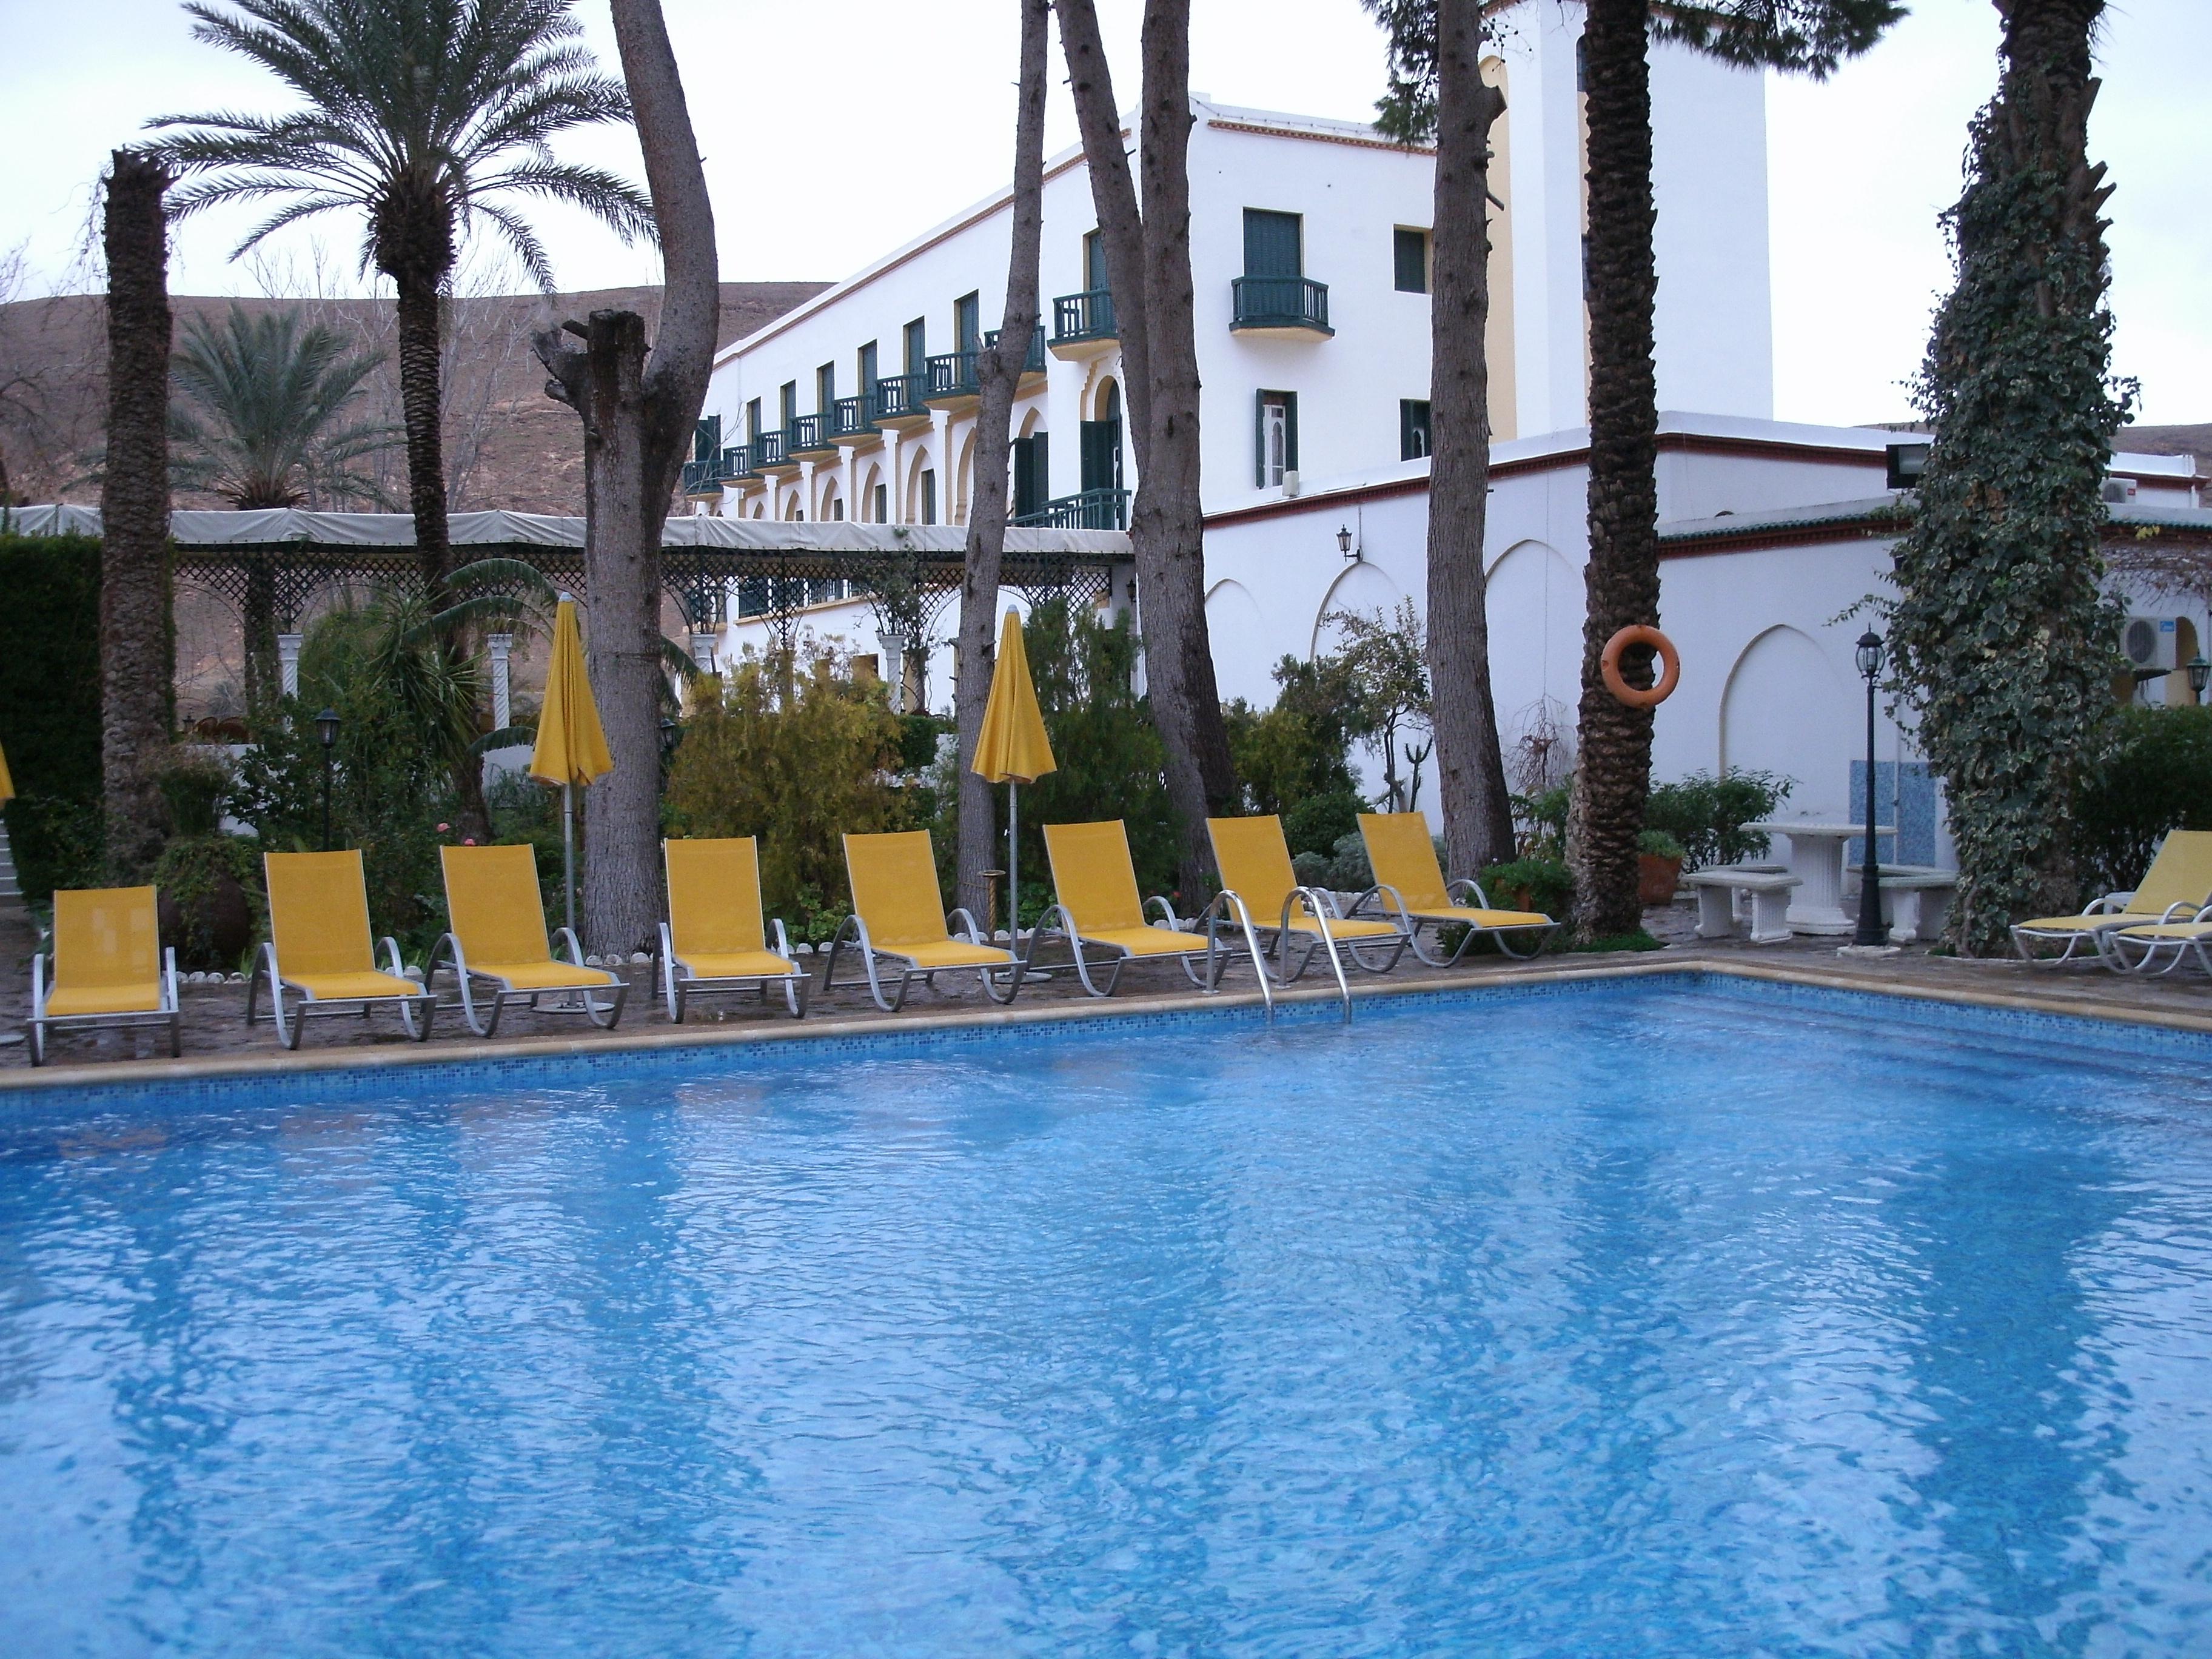 Piscine a lyon - Horaires piscine jean bouin evreux ...